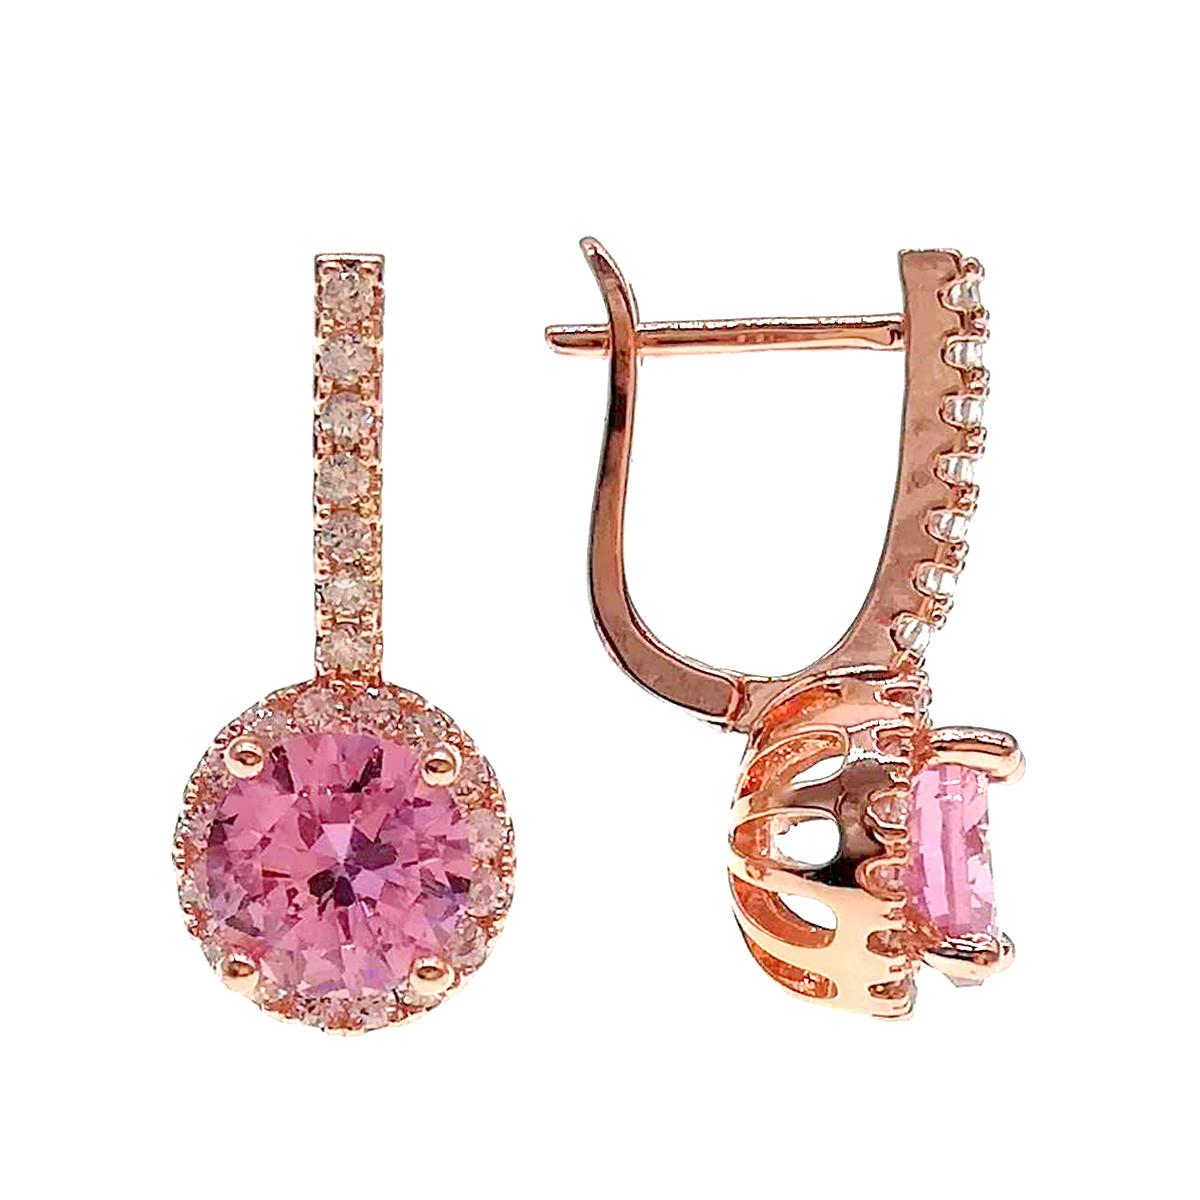 Серьги SONATA из медицинского золота, розовые фианиты, позолота PO, 24332       (1)